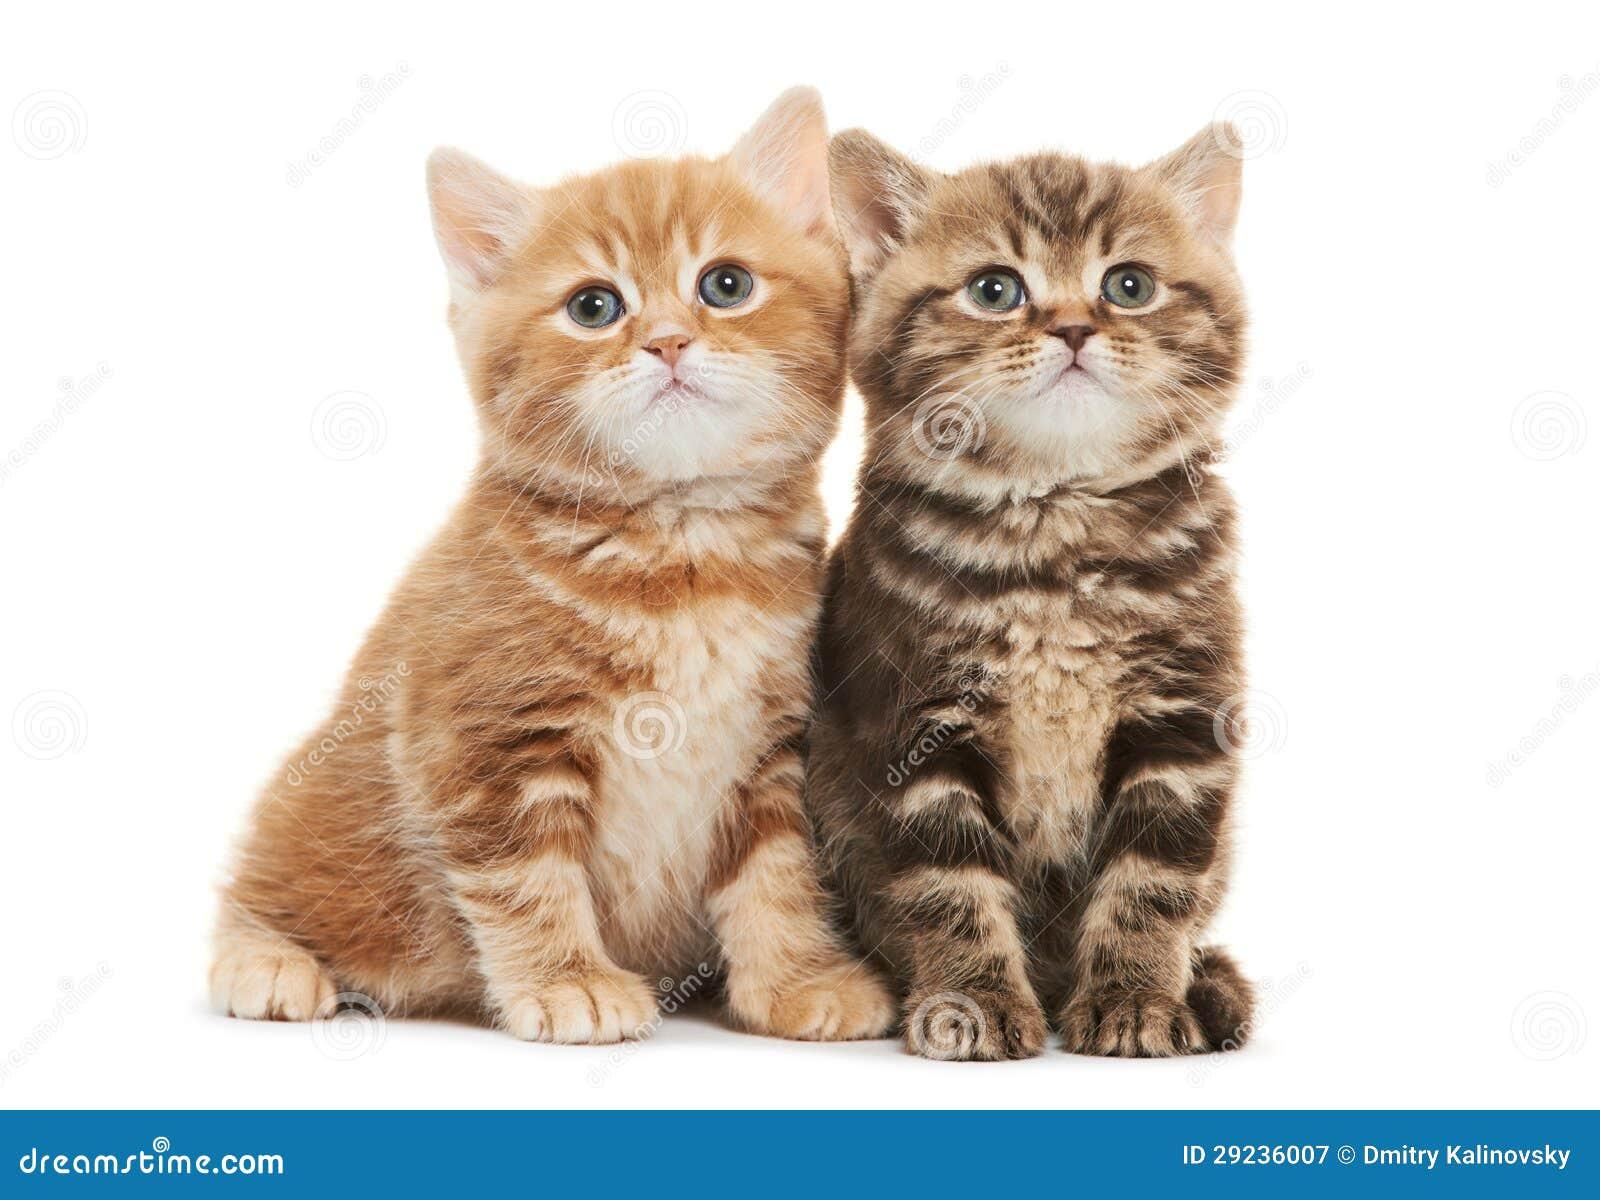 Download Gato Do Gatinho De Dois Ingleses Shorthair Isolado Imagem de Stock - Imagem de jogo, encontrar: 29236007